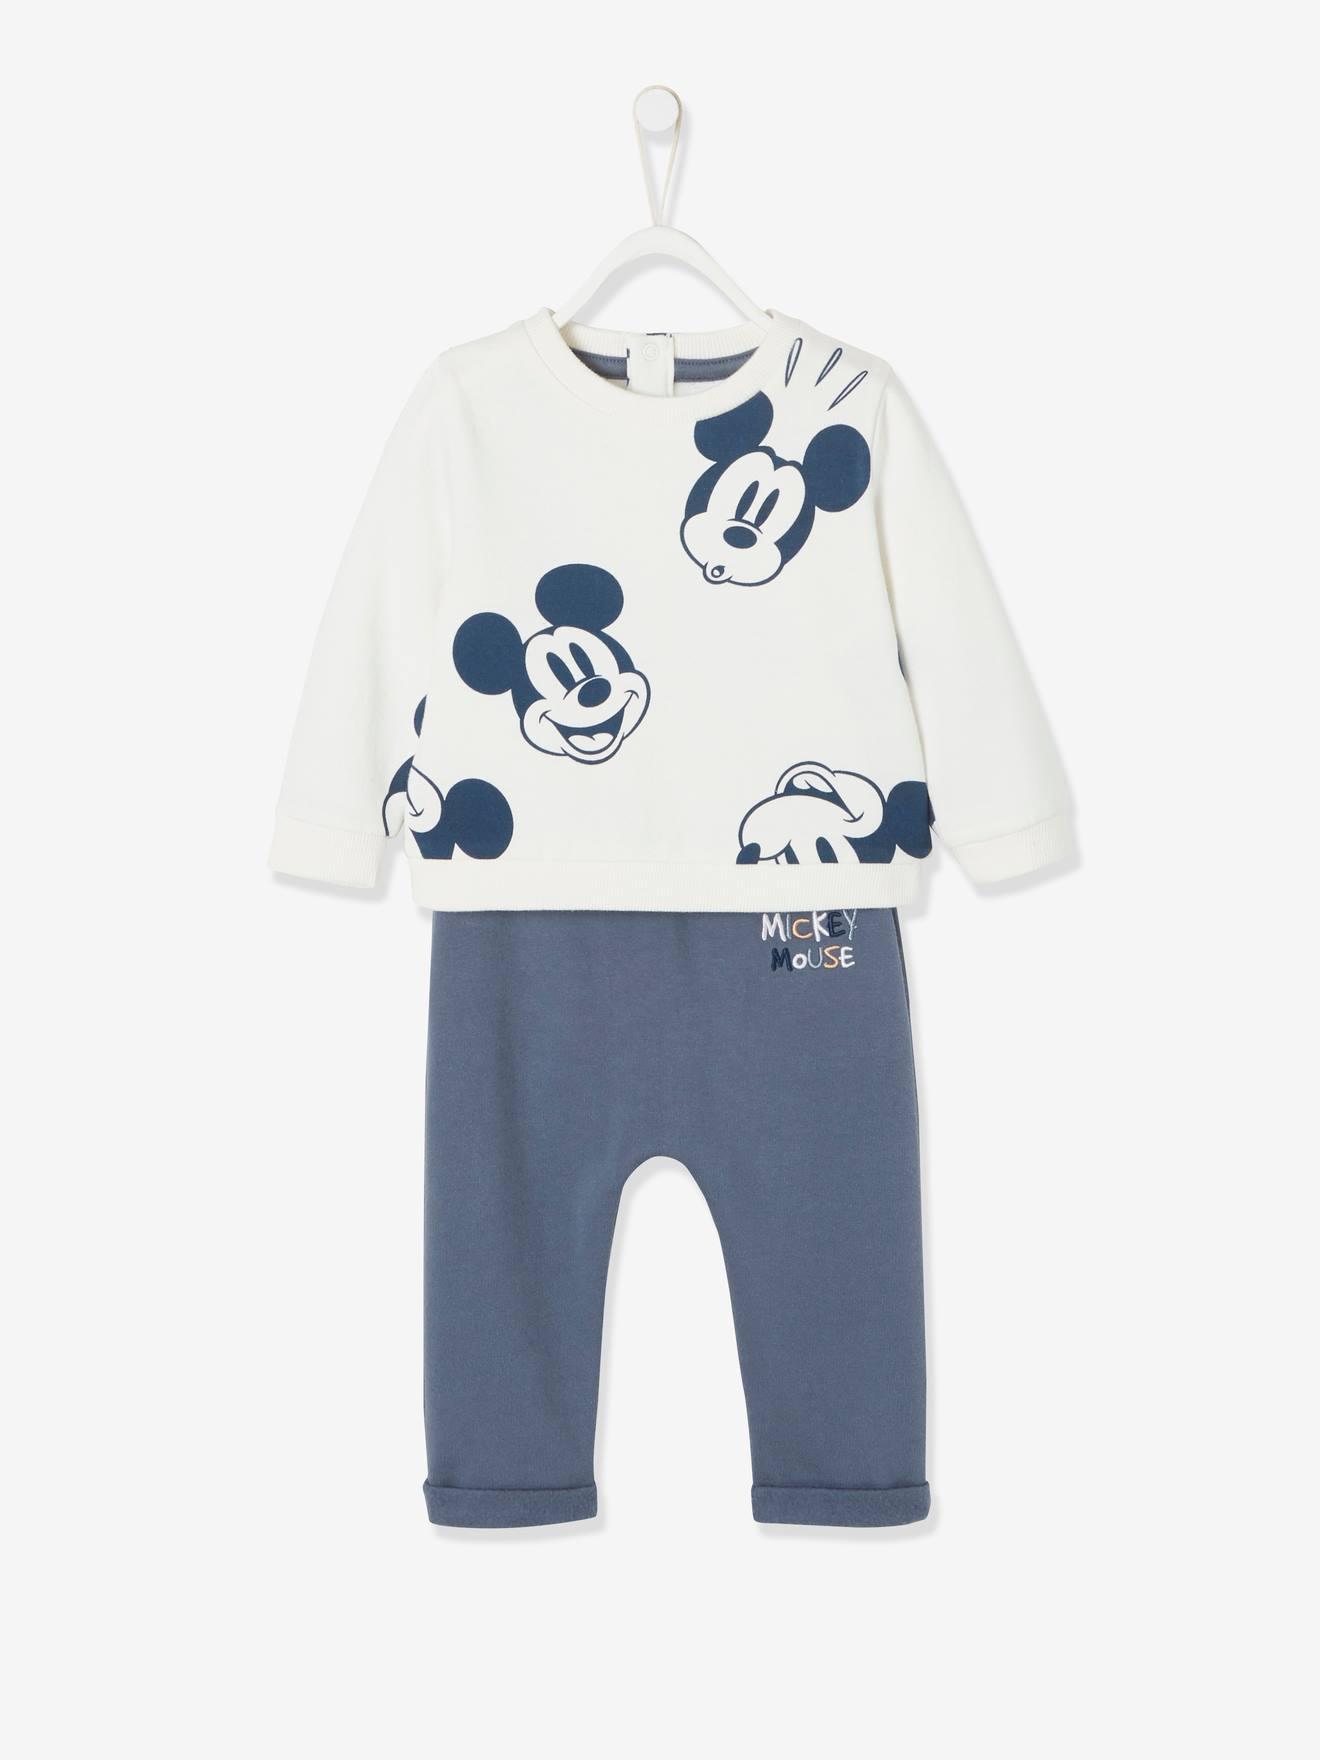 Ensemble bébé sweat-shirt et pantalon Disney Mickey® bleu - 18-3918 tcx / beige 11-